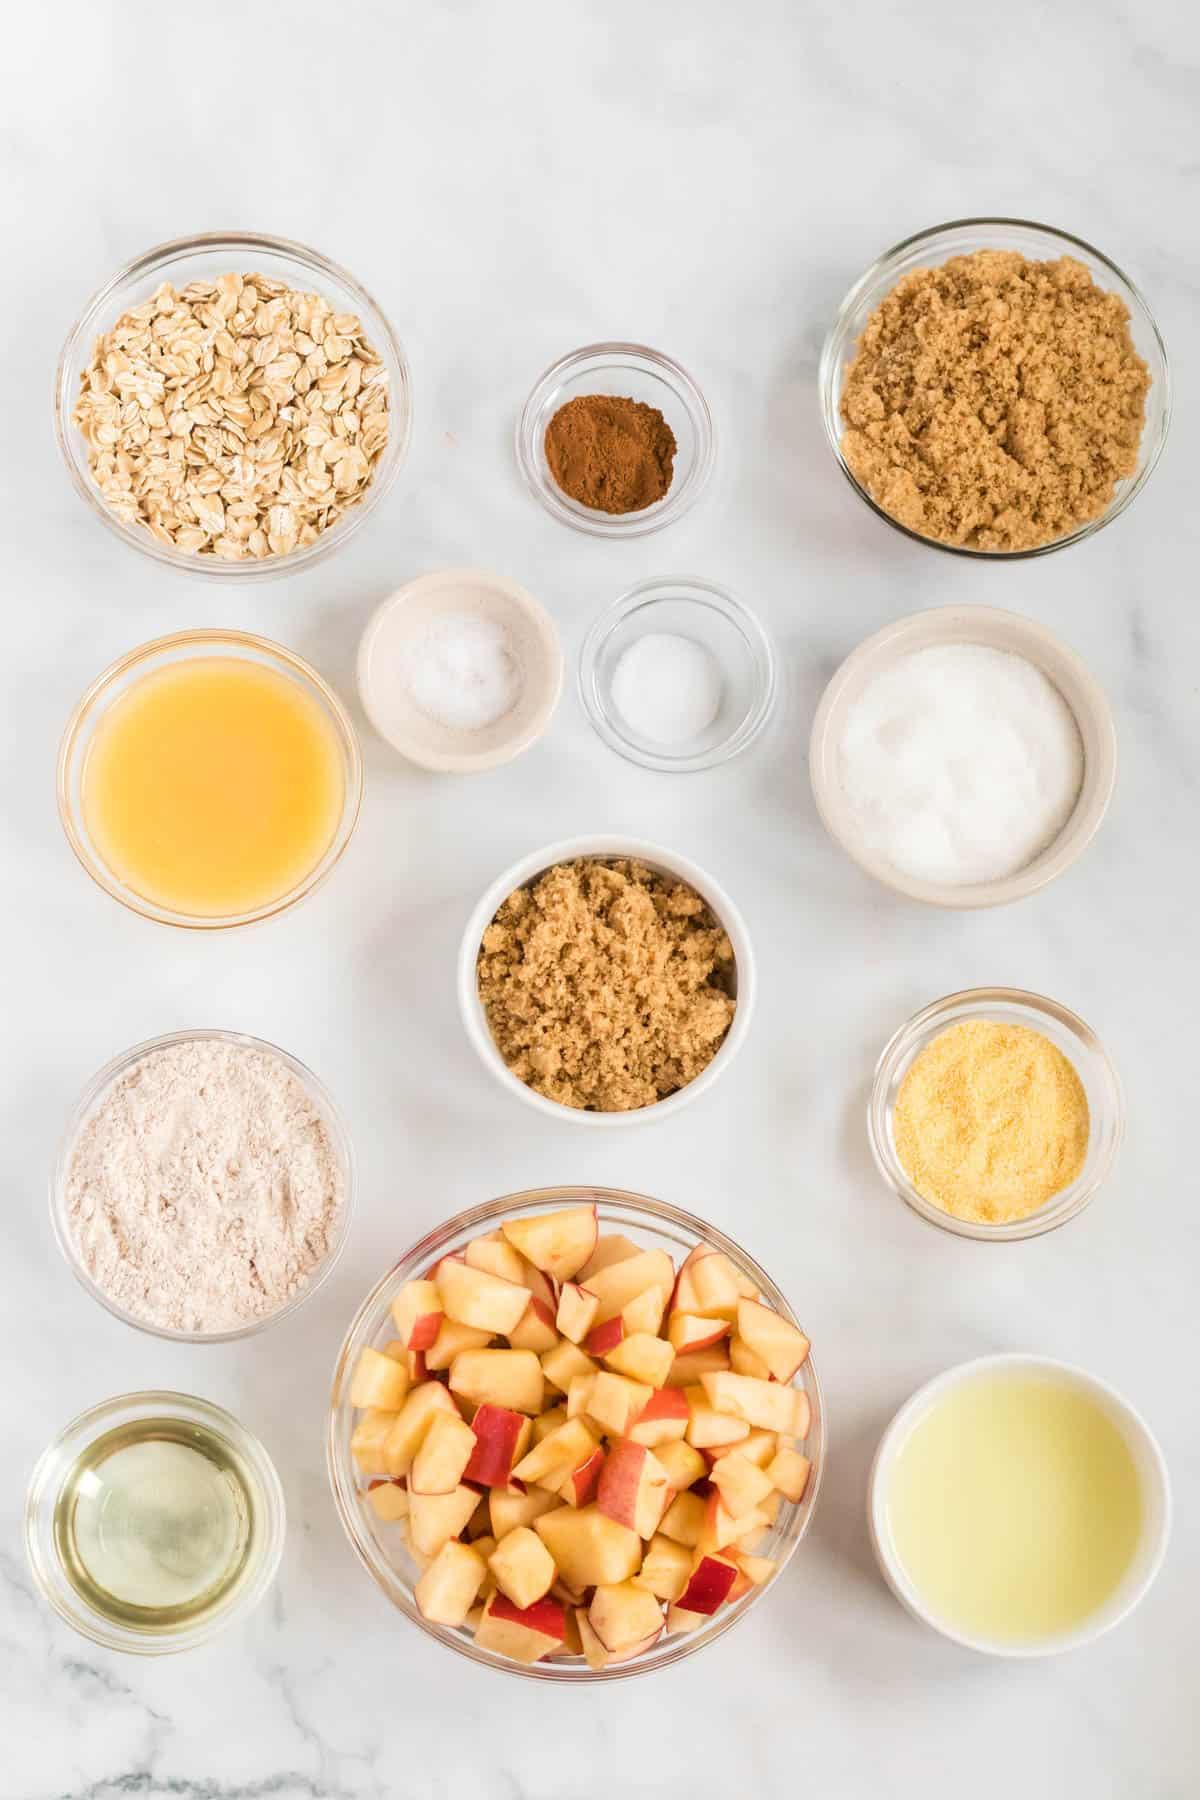 ingredients to make vegan apple crisp